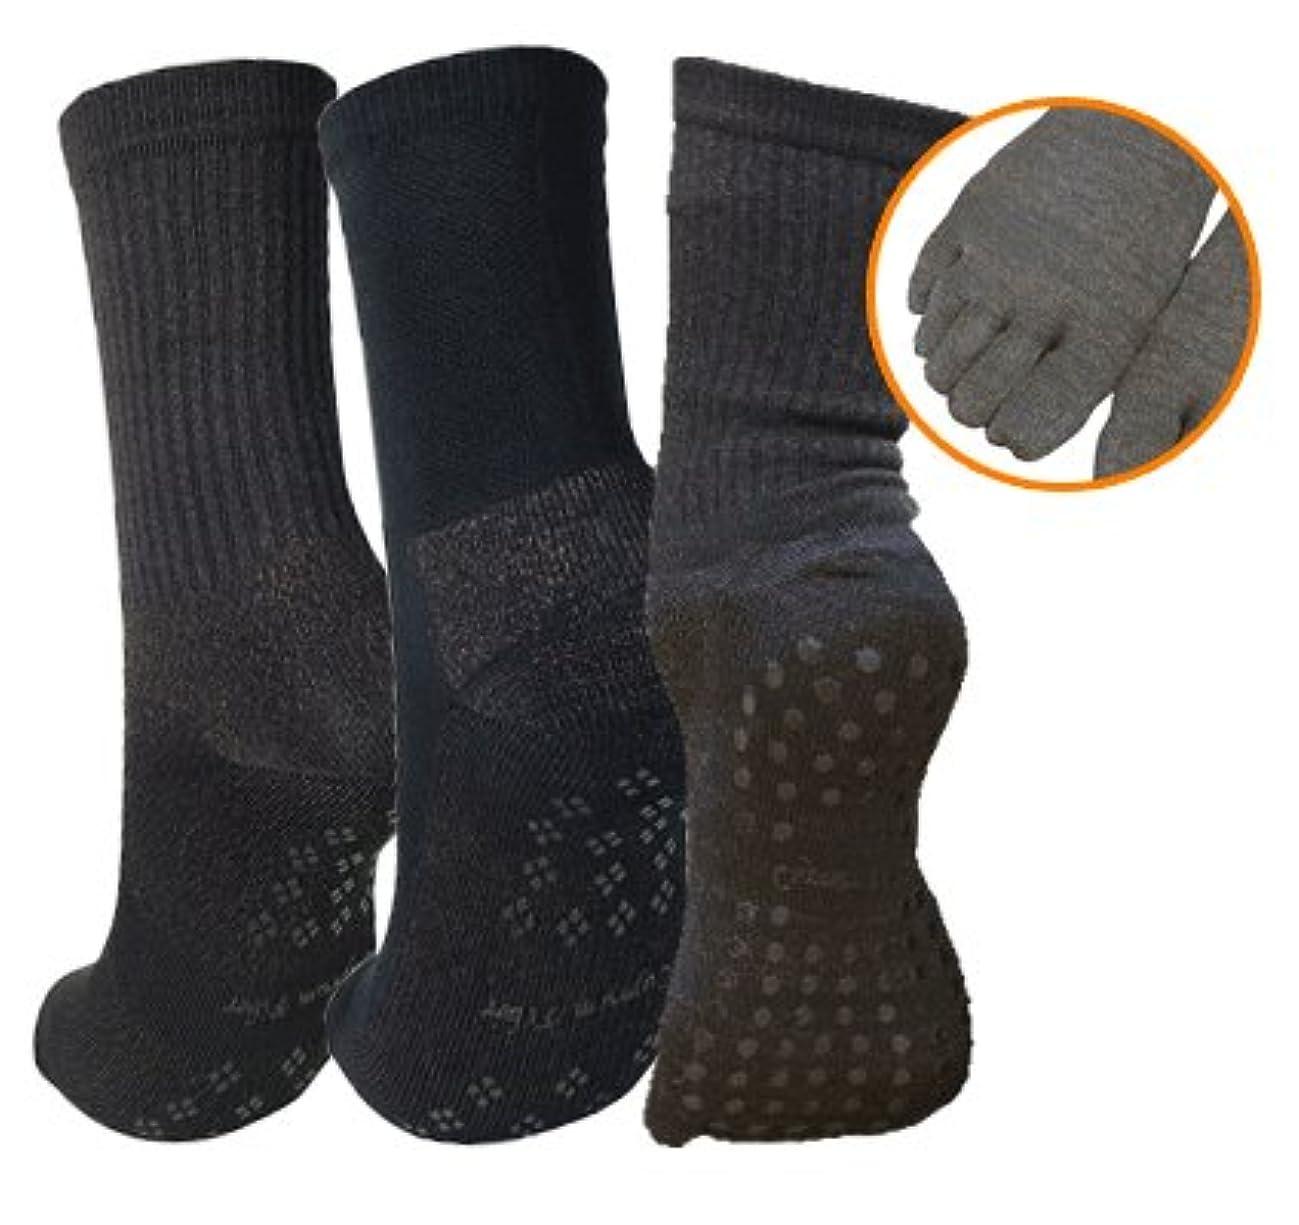 シェルターそしてダイヤル銅繊維靴下「足もとはいつも青春」 女性専用お得お試し3点セット 【しもやけ対策に】